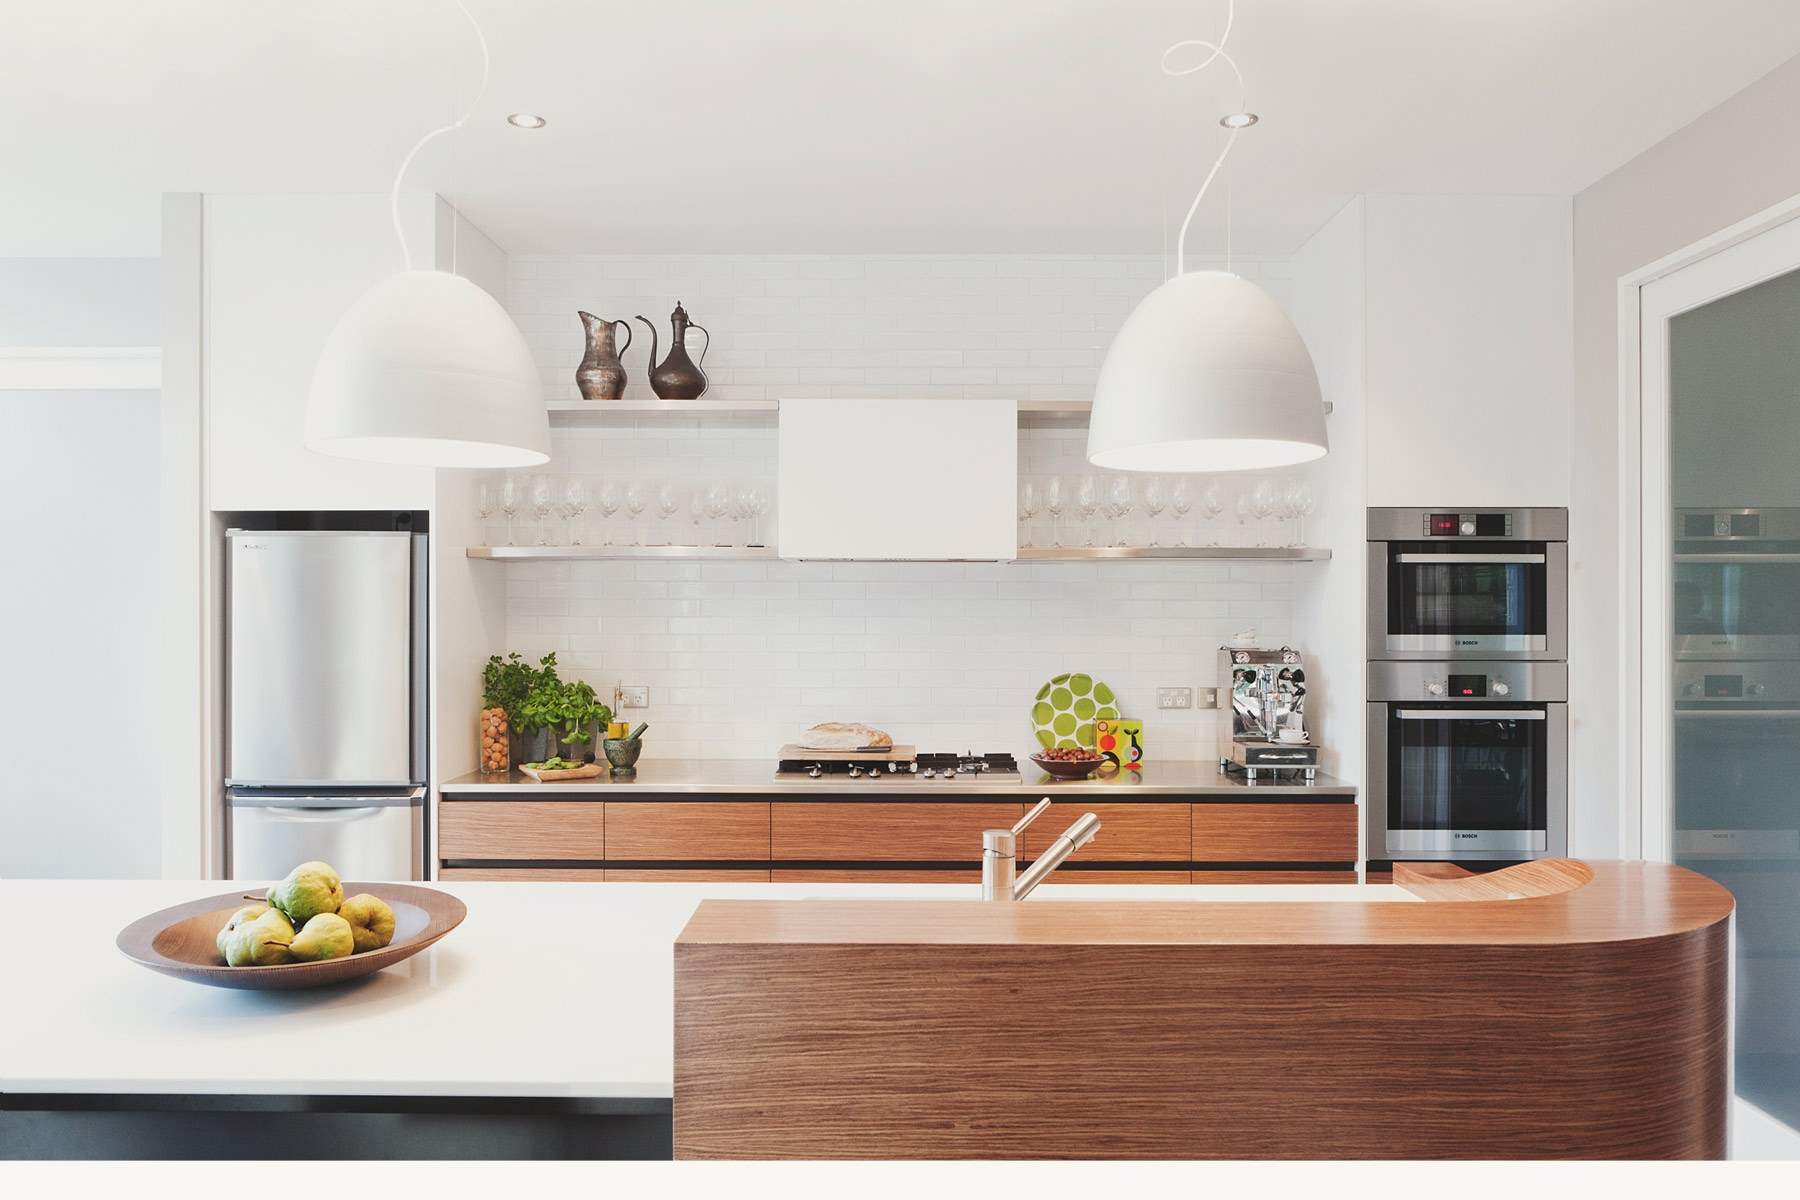 Interior designer wellington honour creative interior design Creative interior design